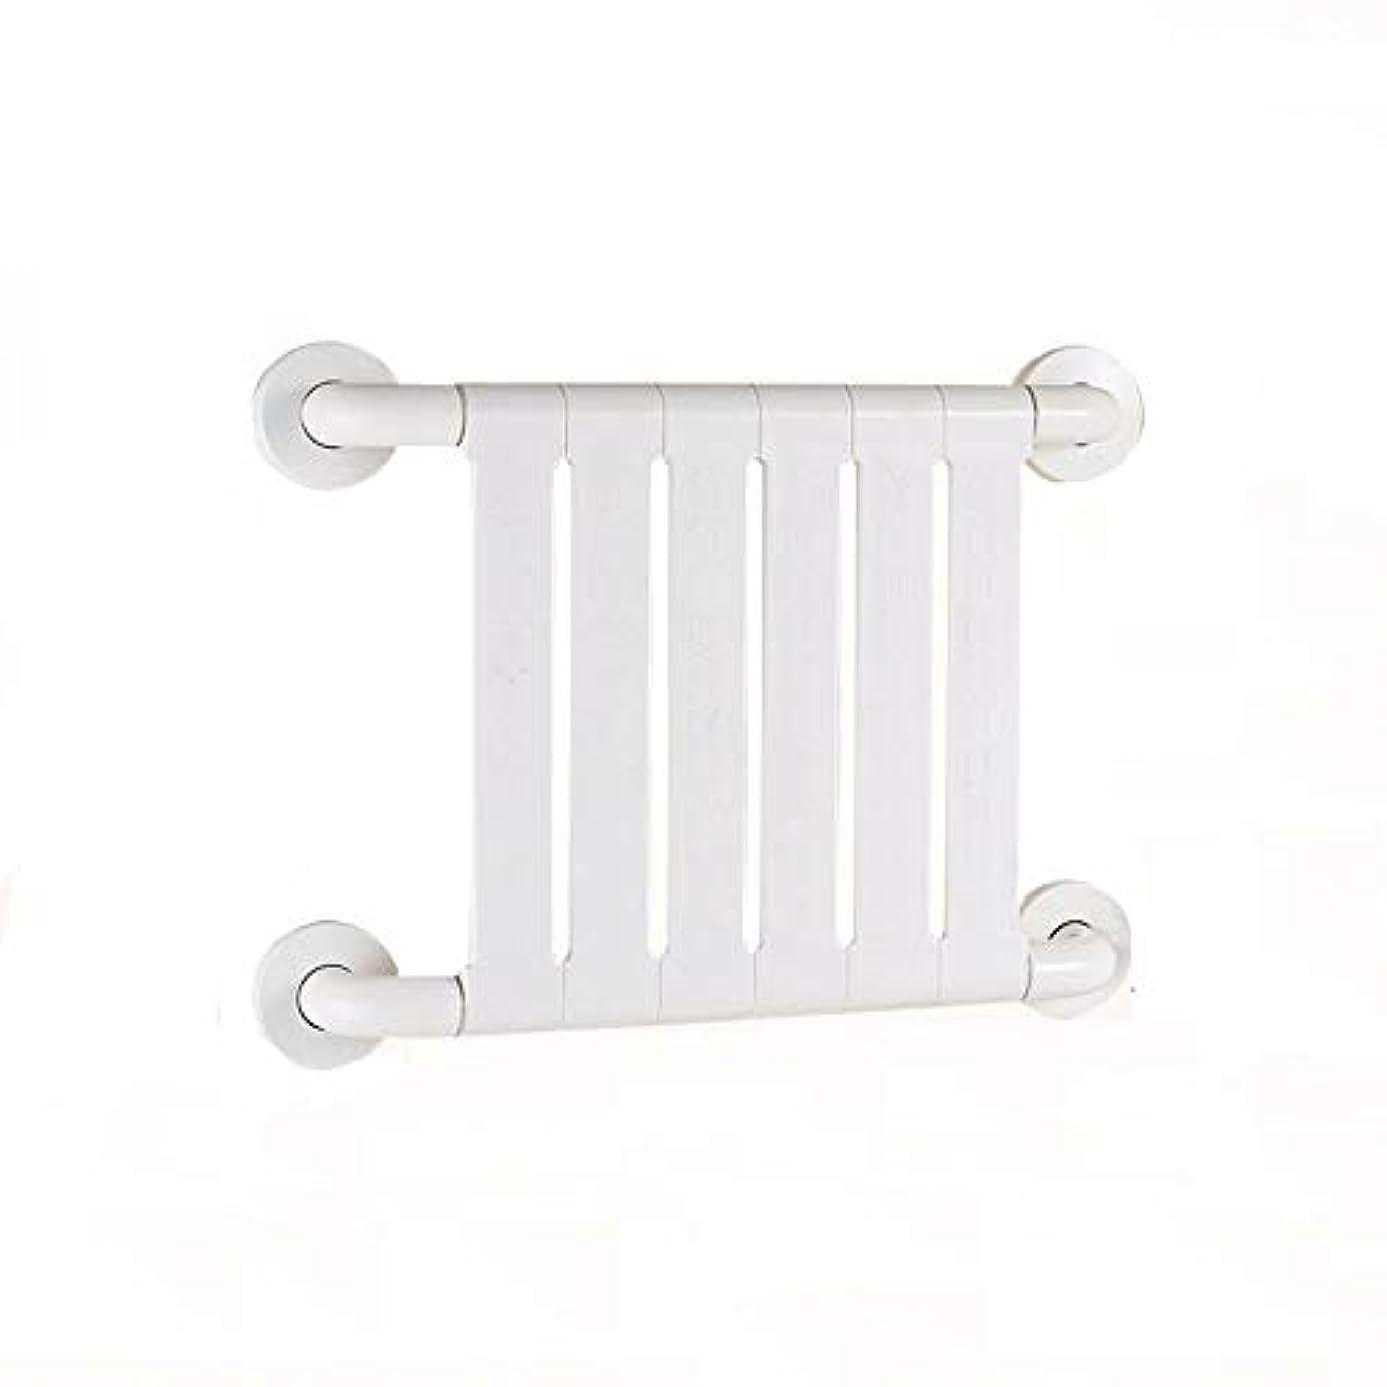 ケイ素水差しなしで滑り止め防錆抗菌手すり高齢者障害者用アームレスト妊娠中の女性バスルームトイレバスルームの安全ハンドル (Color : 白)